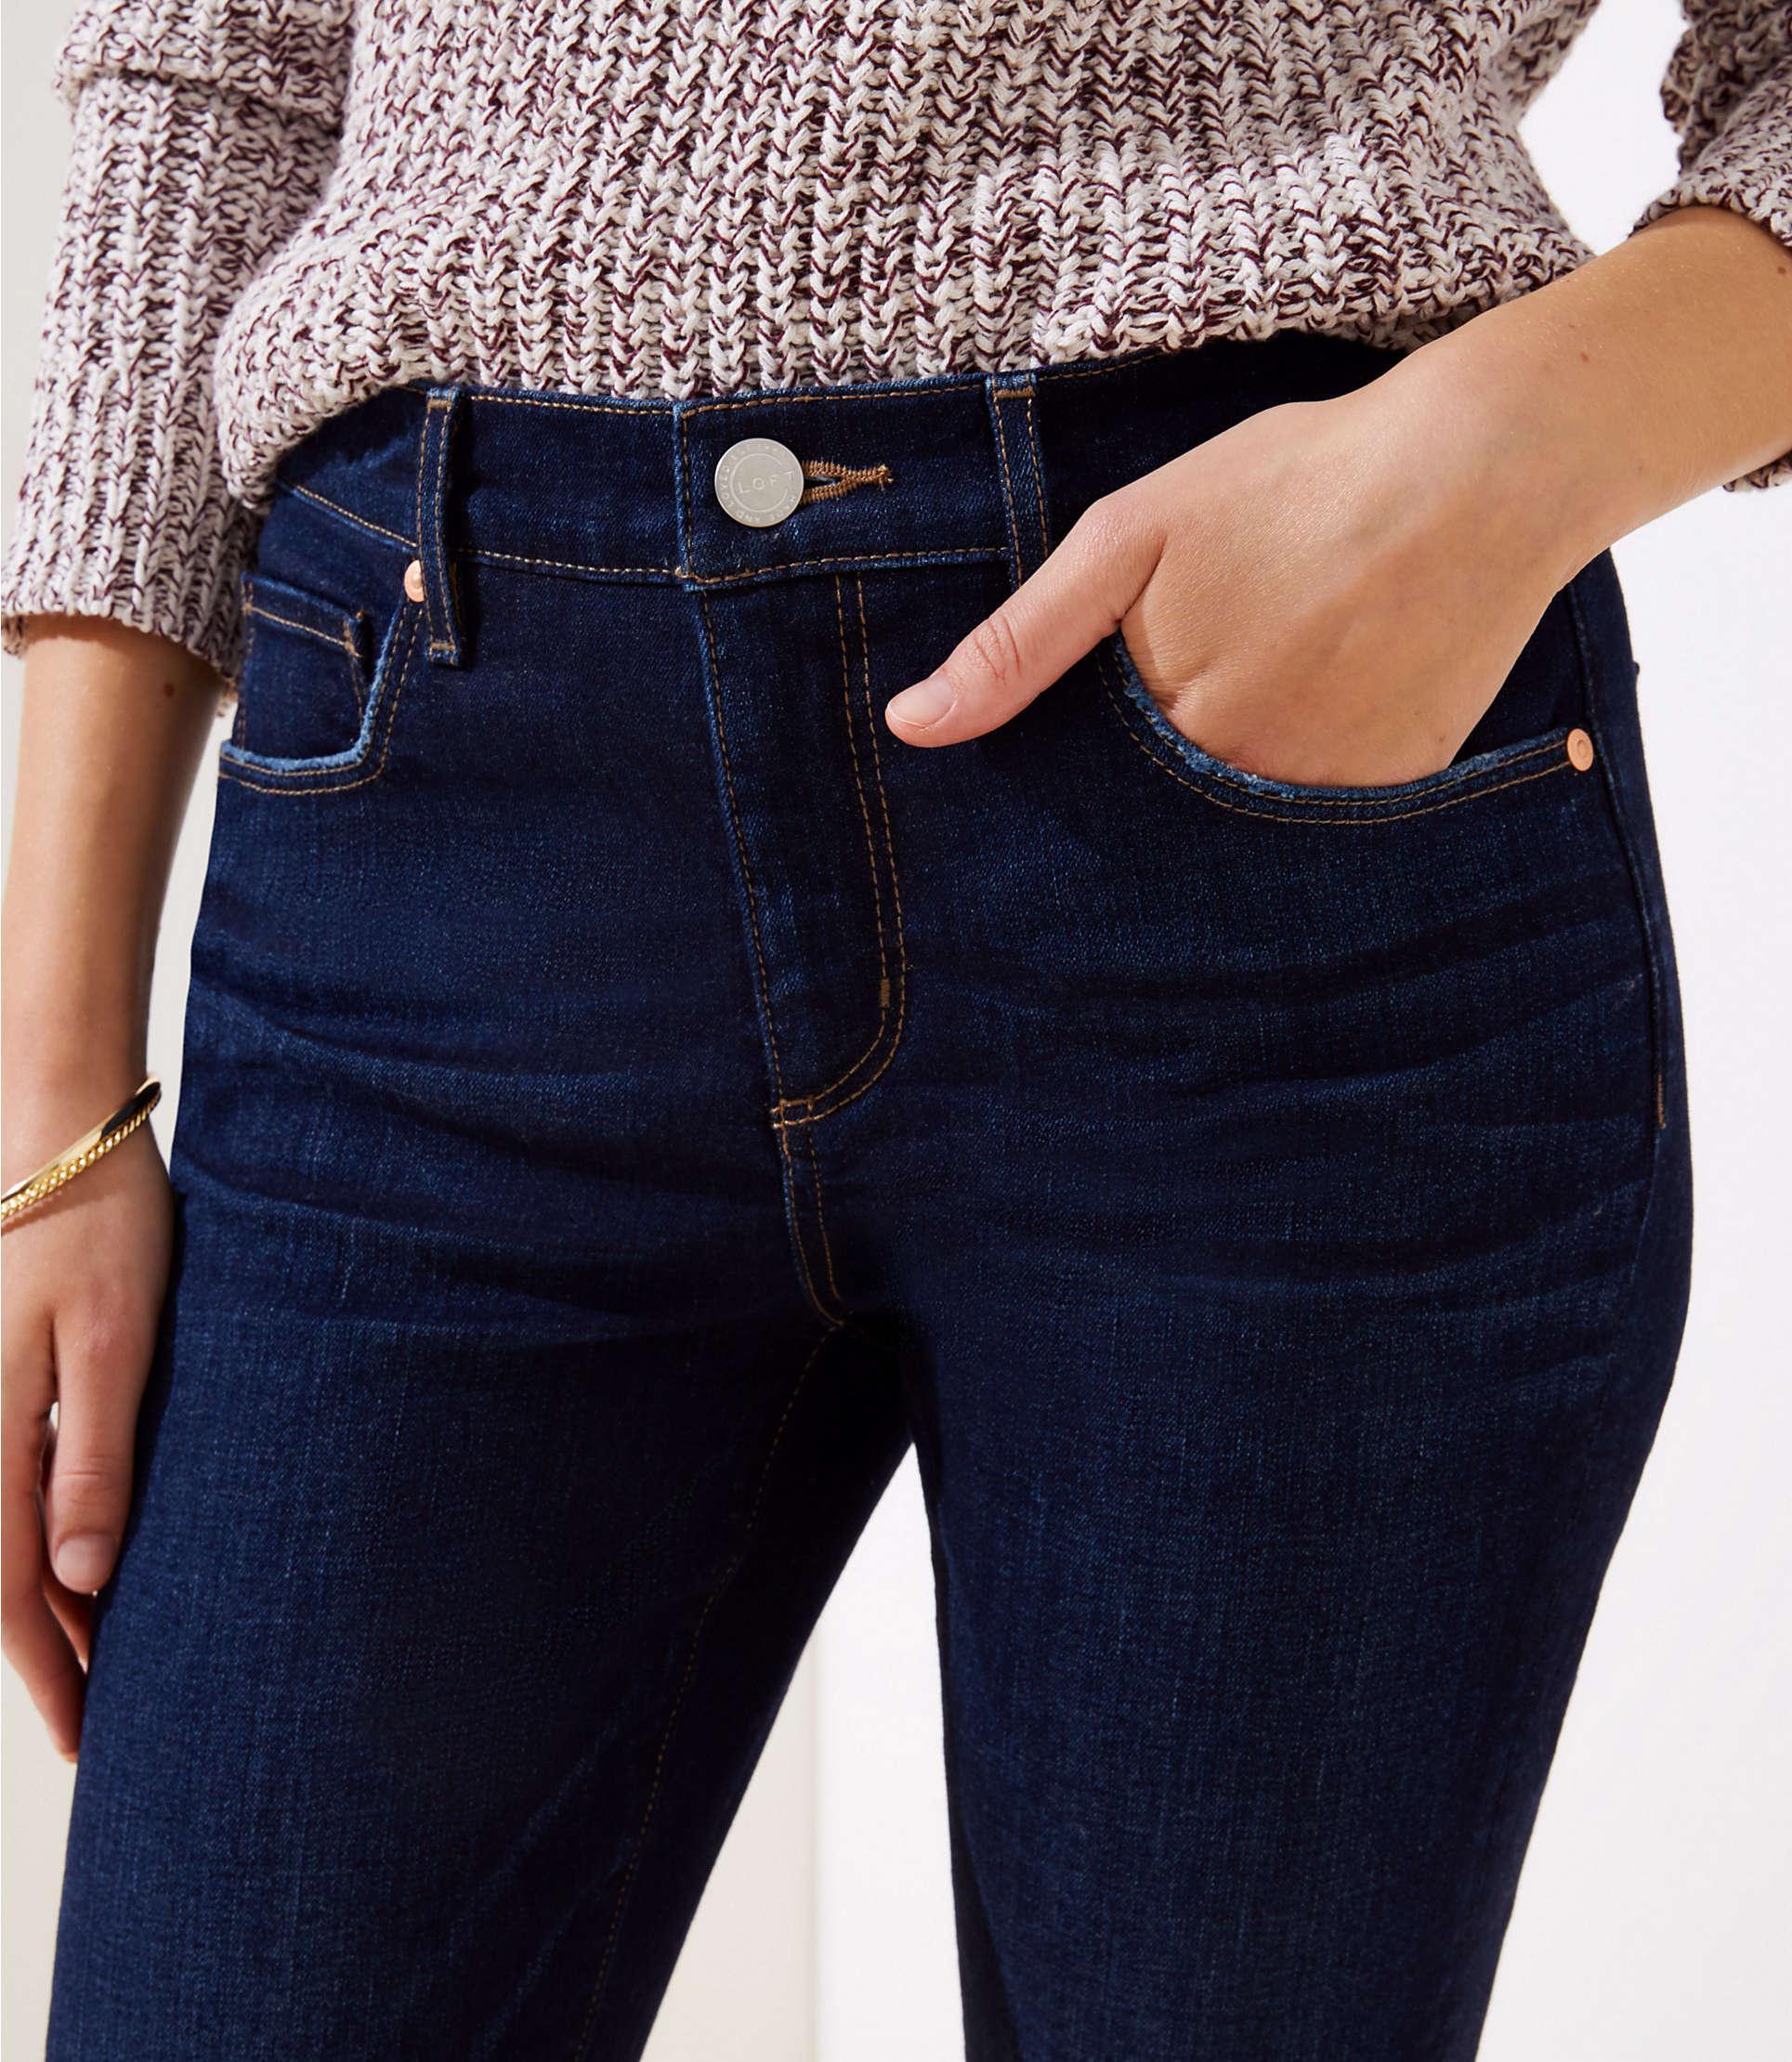 31a11b851490 ... Curvy Slim Pocket Skinny Jeans In Dark Indigo Wash - Lyst. View  fullscreen